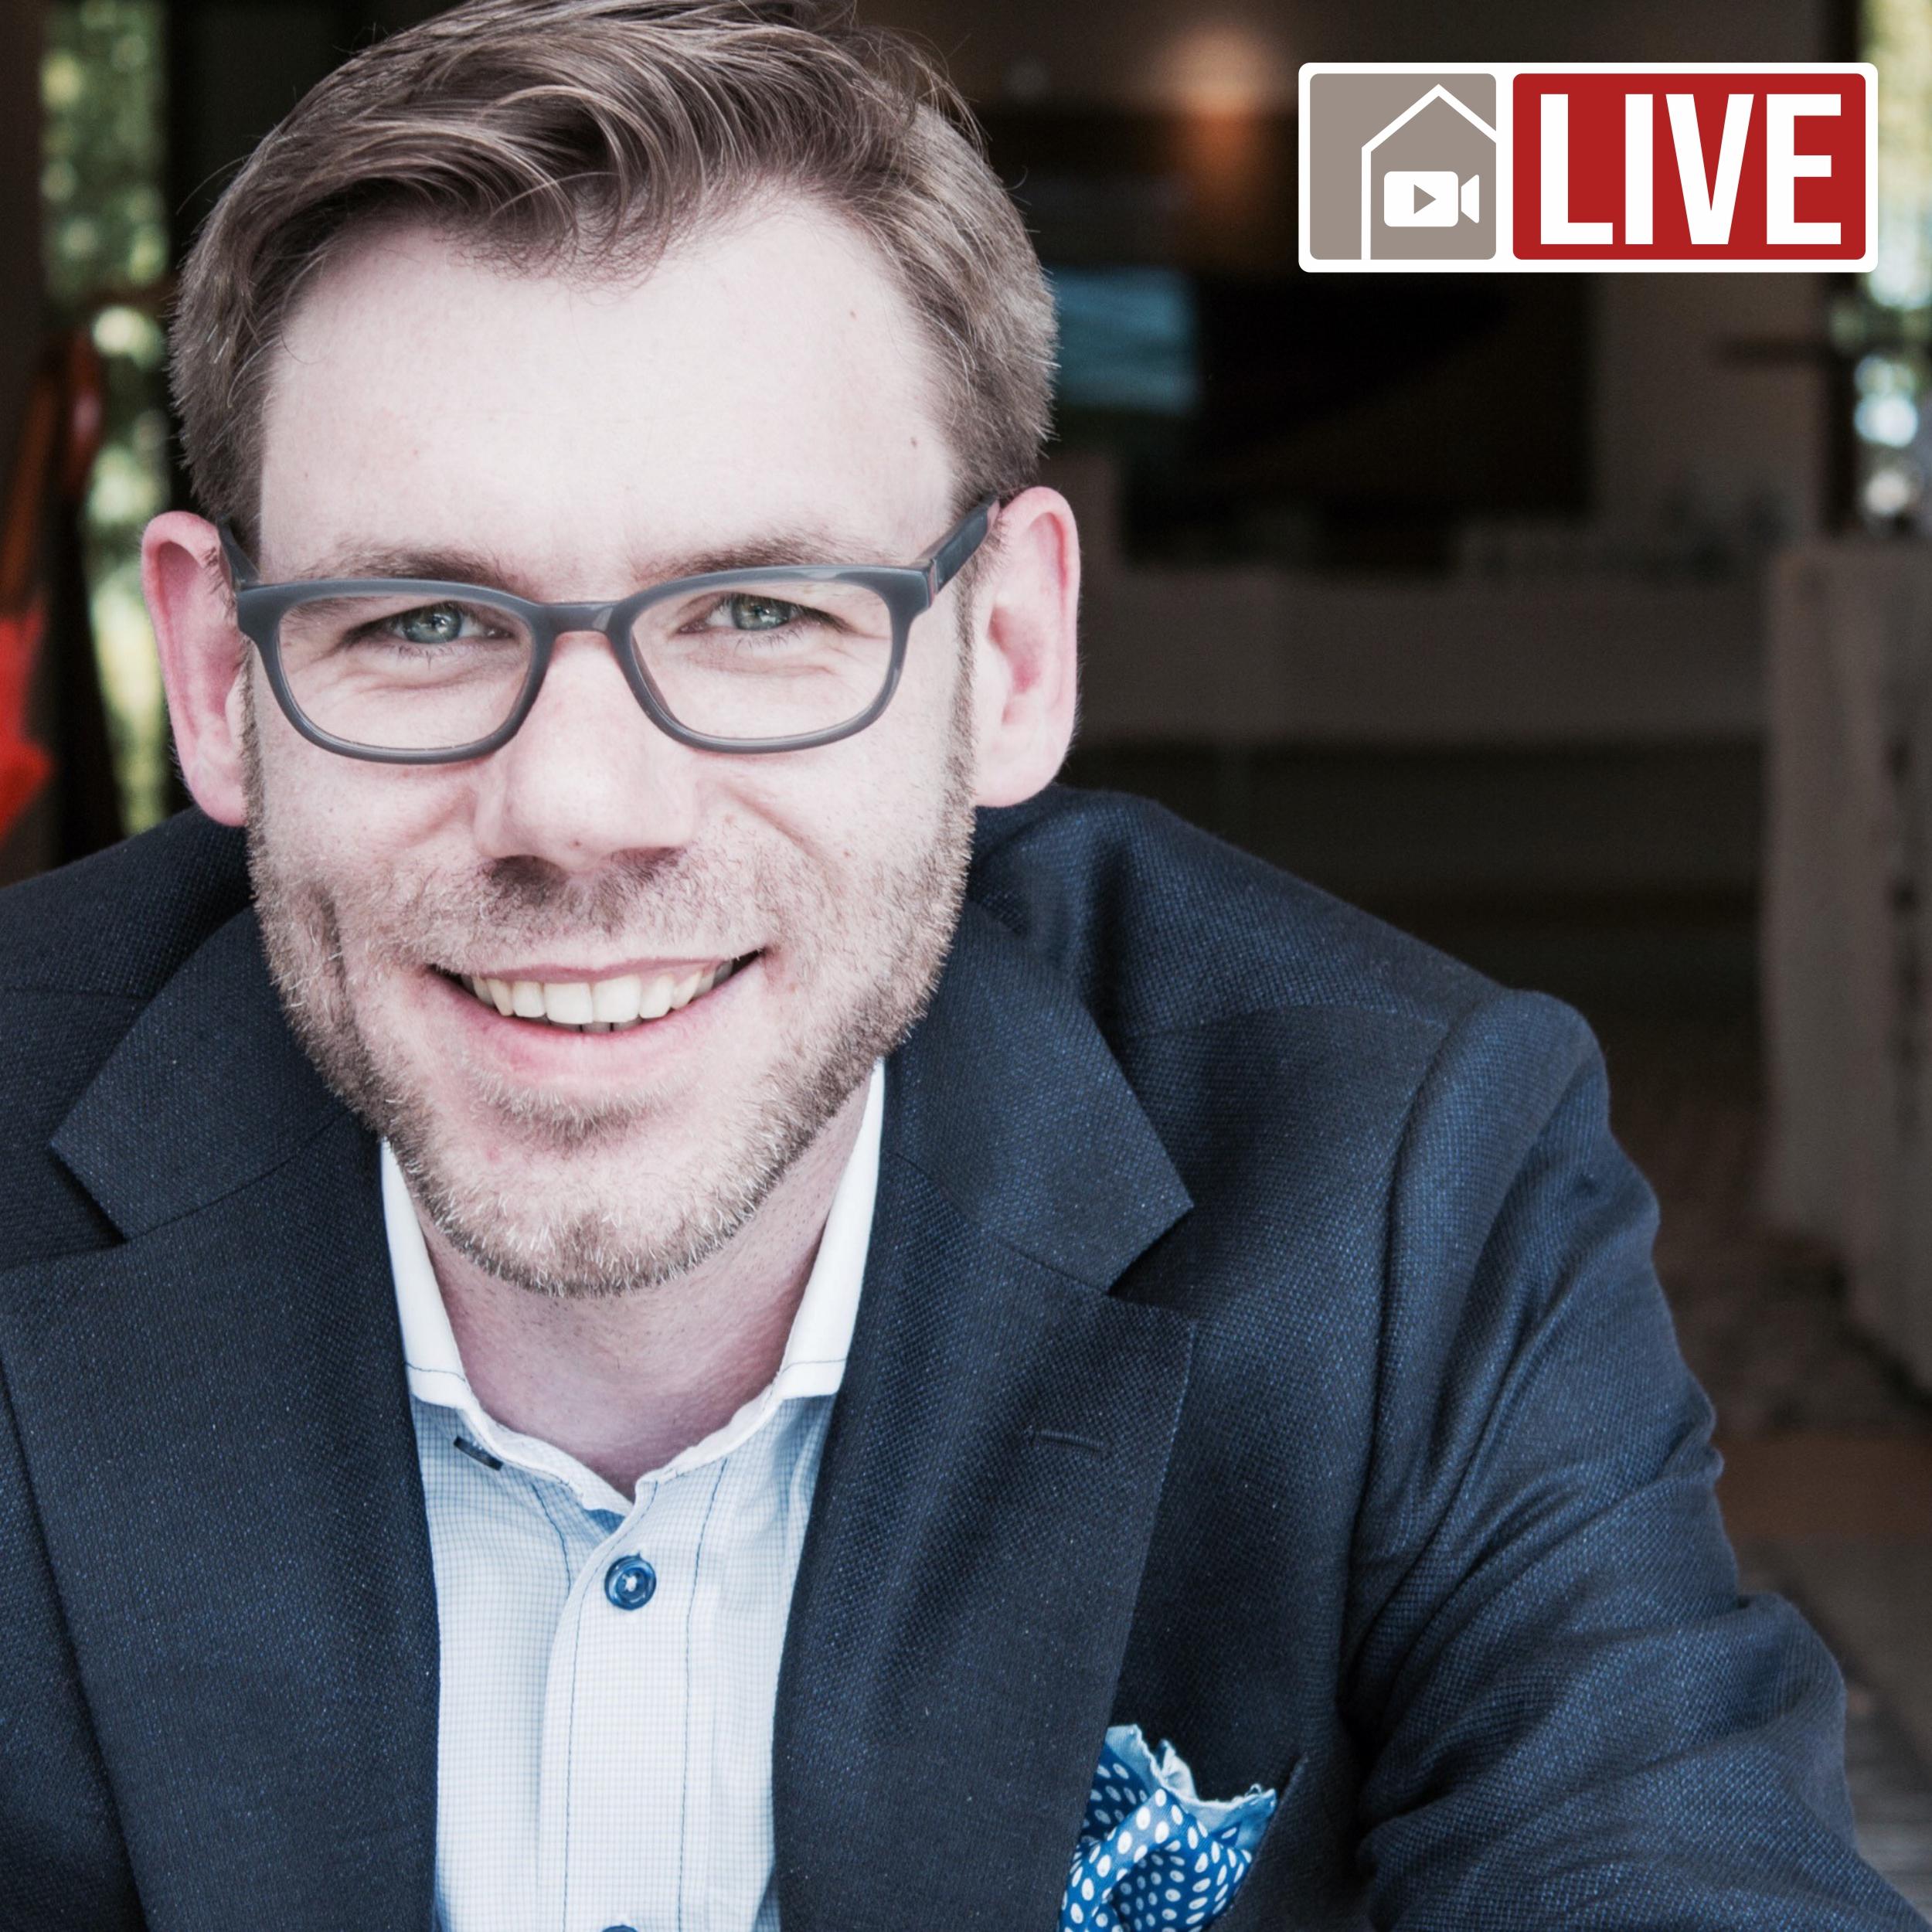 Lars Effertz Livestream